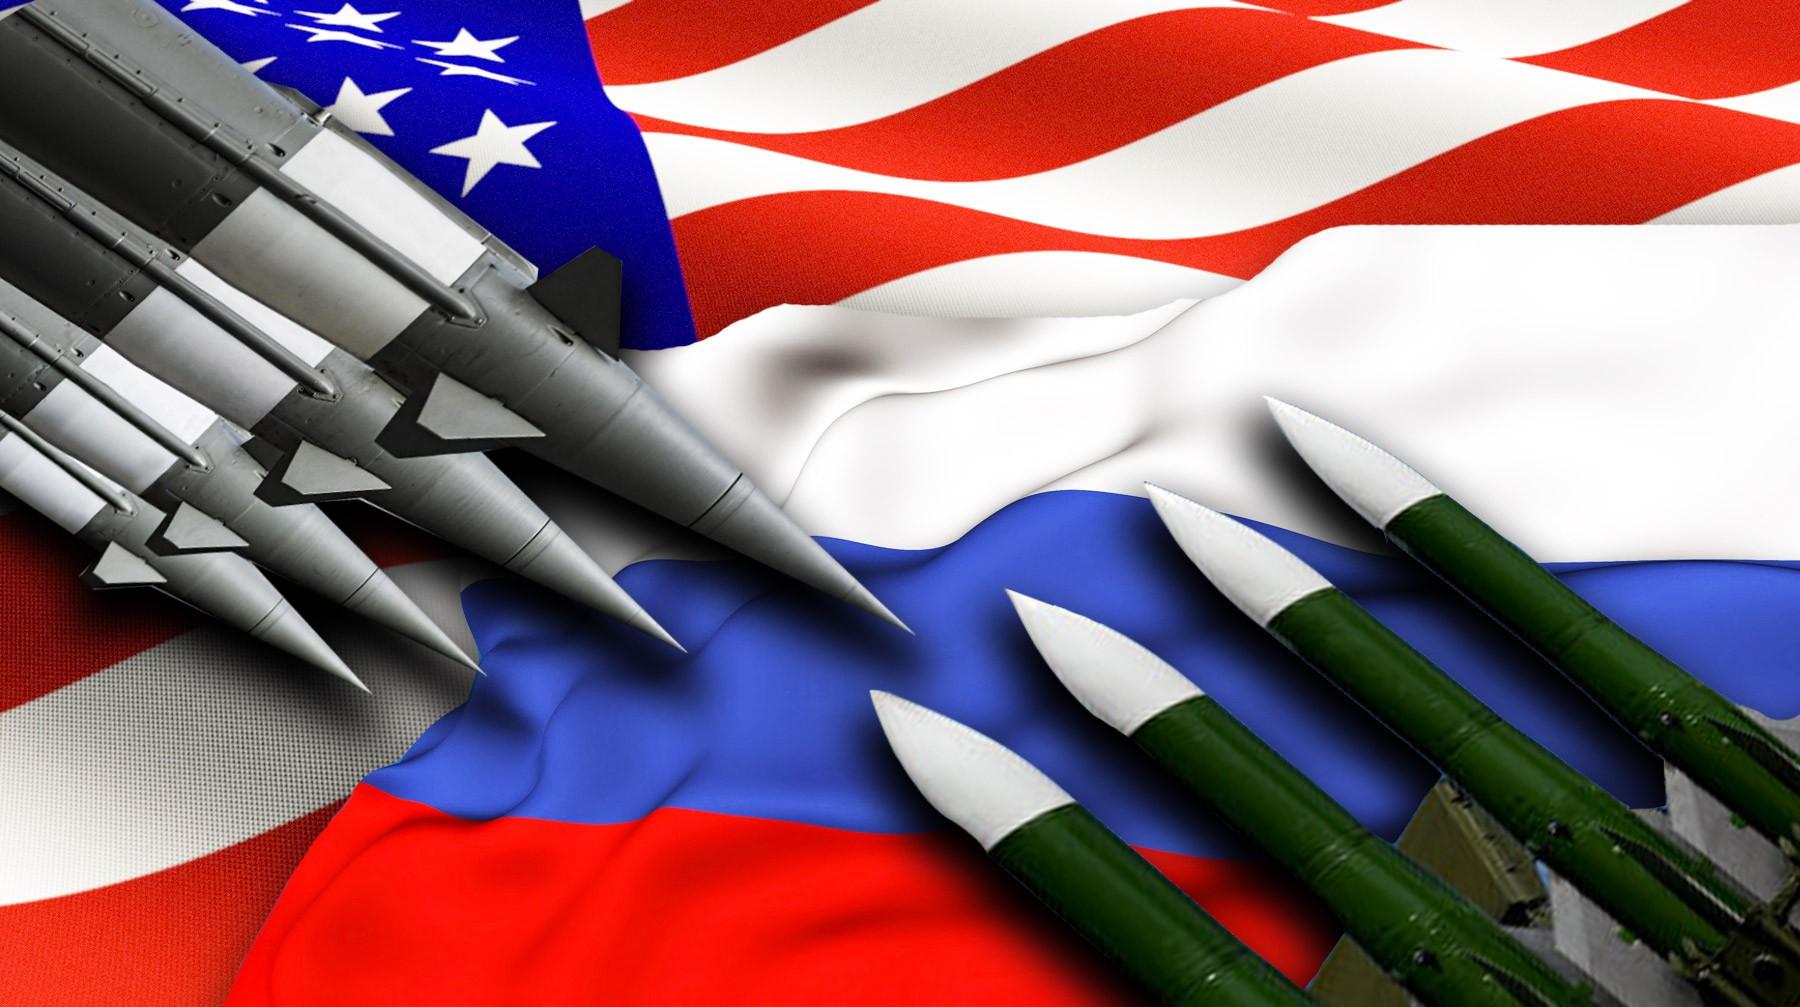 Американские и русские ракеты